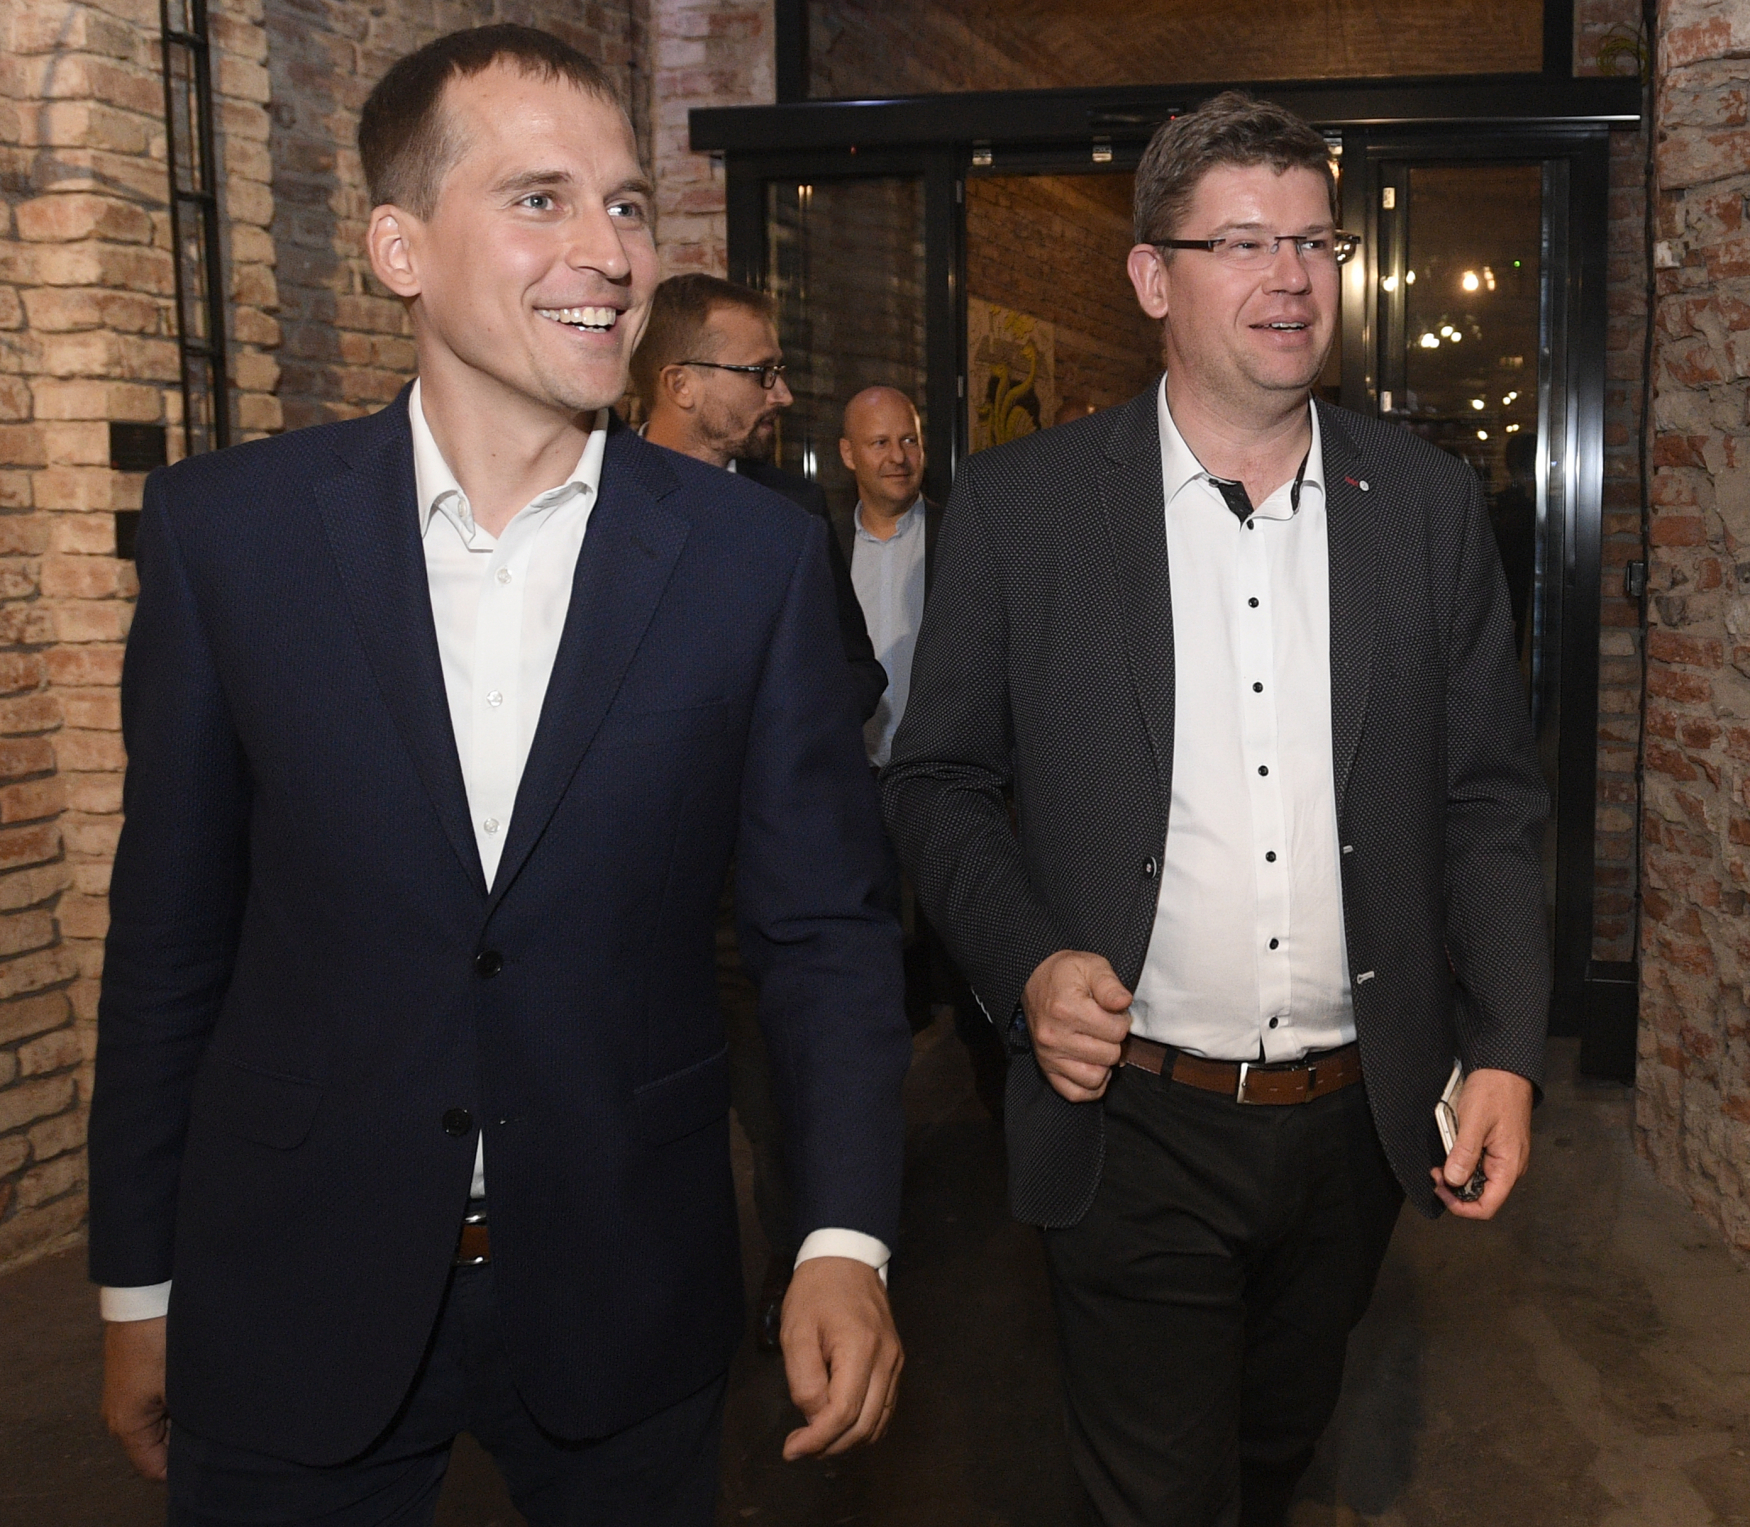 Lídr uskupení Praha Sobě Jan Čižinský (dříve KDU-ČSL) a lídr Spojené síly pro Prahu Jiří Pospíšil (TOP 09)